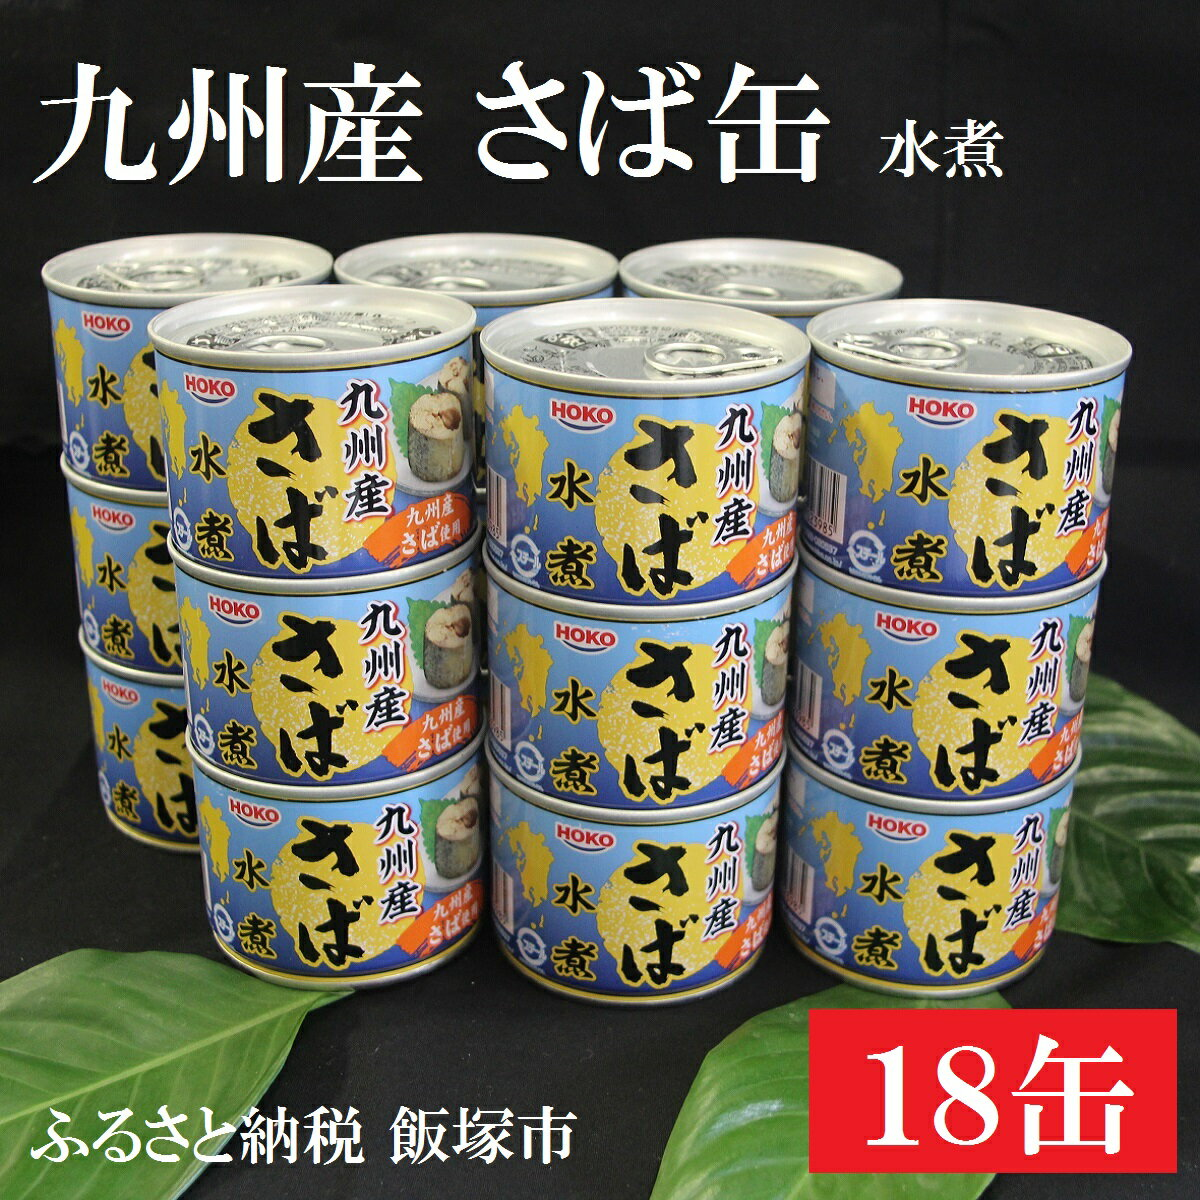 【ふるさと納税】【A-133】九州産 さば缶詰 水煮 18缶セット